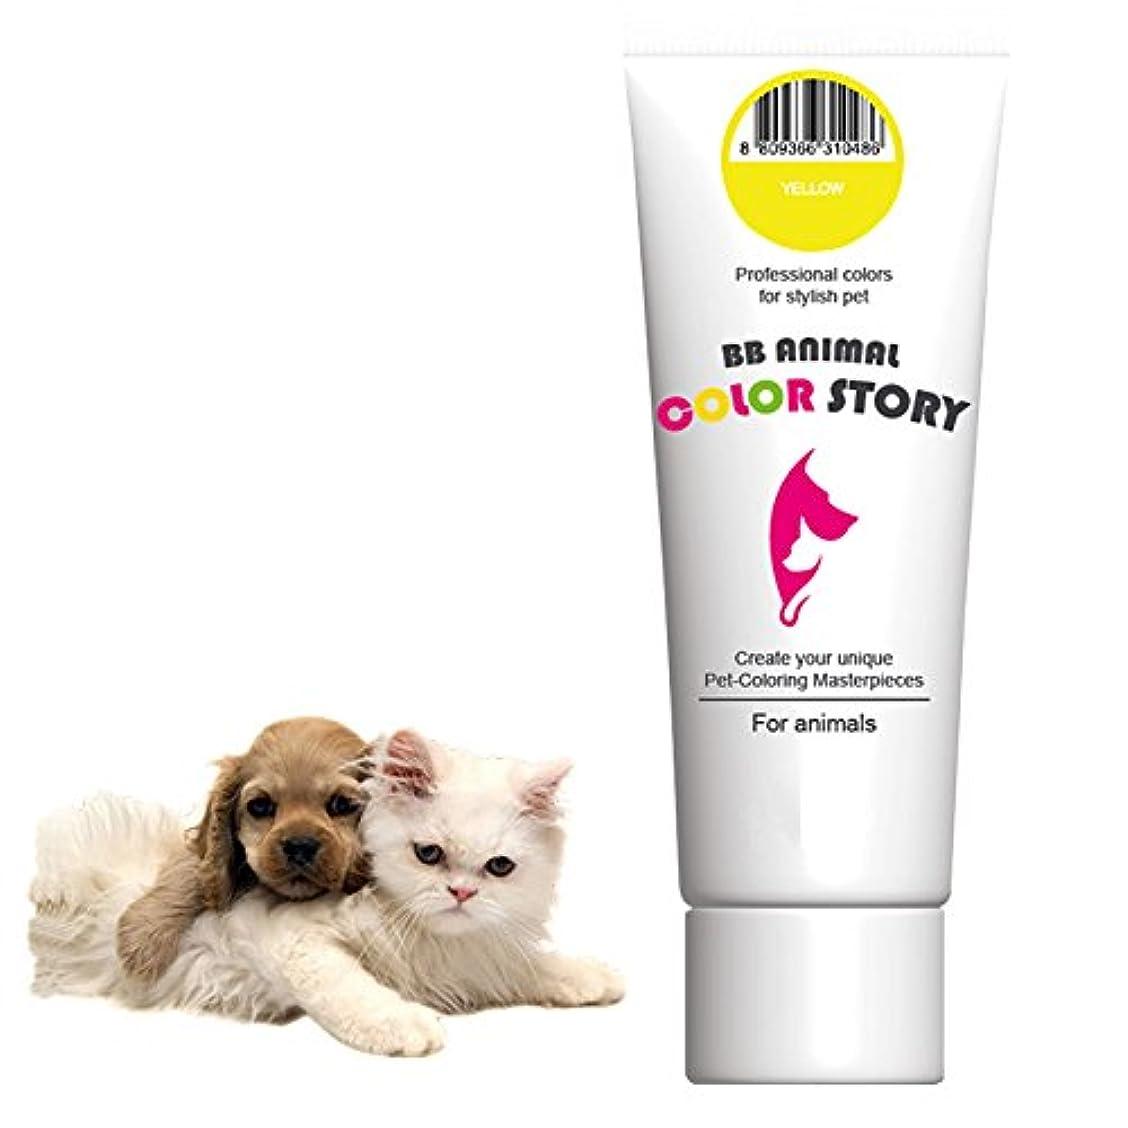 シティ有毒寝てる毛染め, 犬ヘアダイ Yellow カラーリング Dog Hair Hair Bleach Dye Hair Coloring Professional Colors for Stylish Pet 50ml 並行輸入